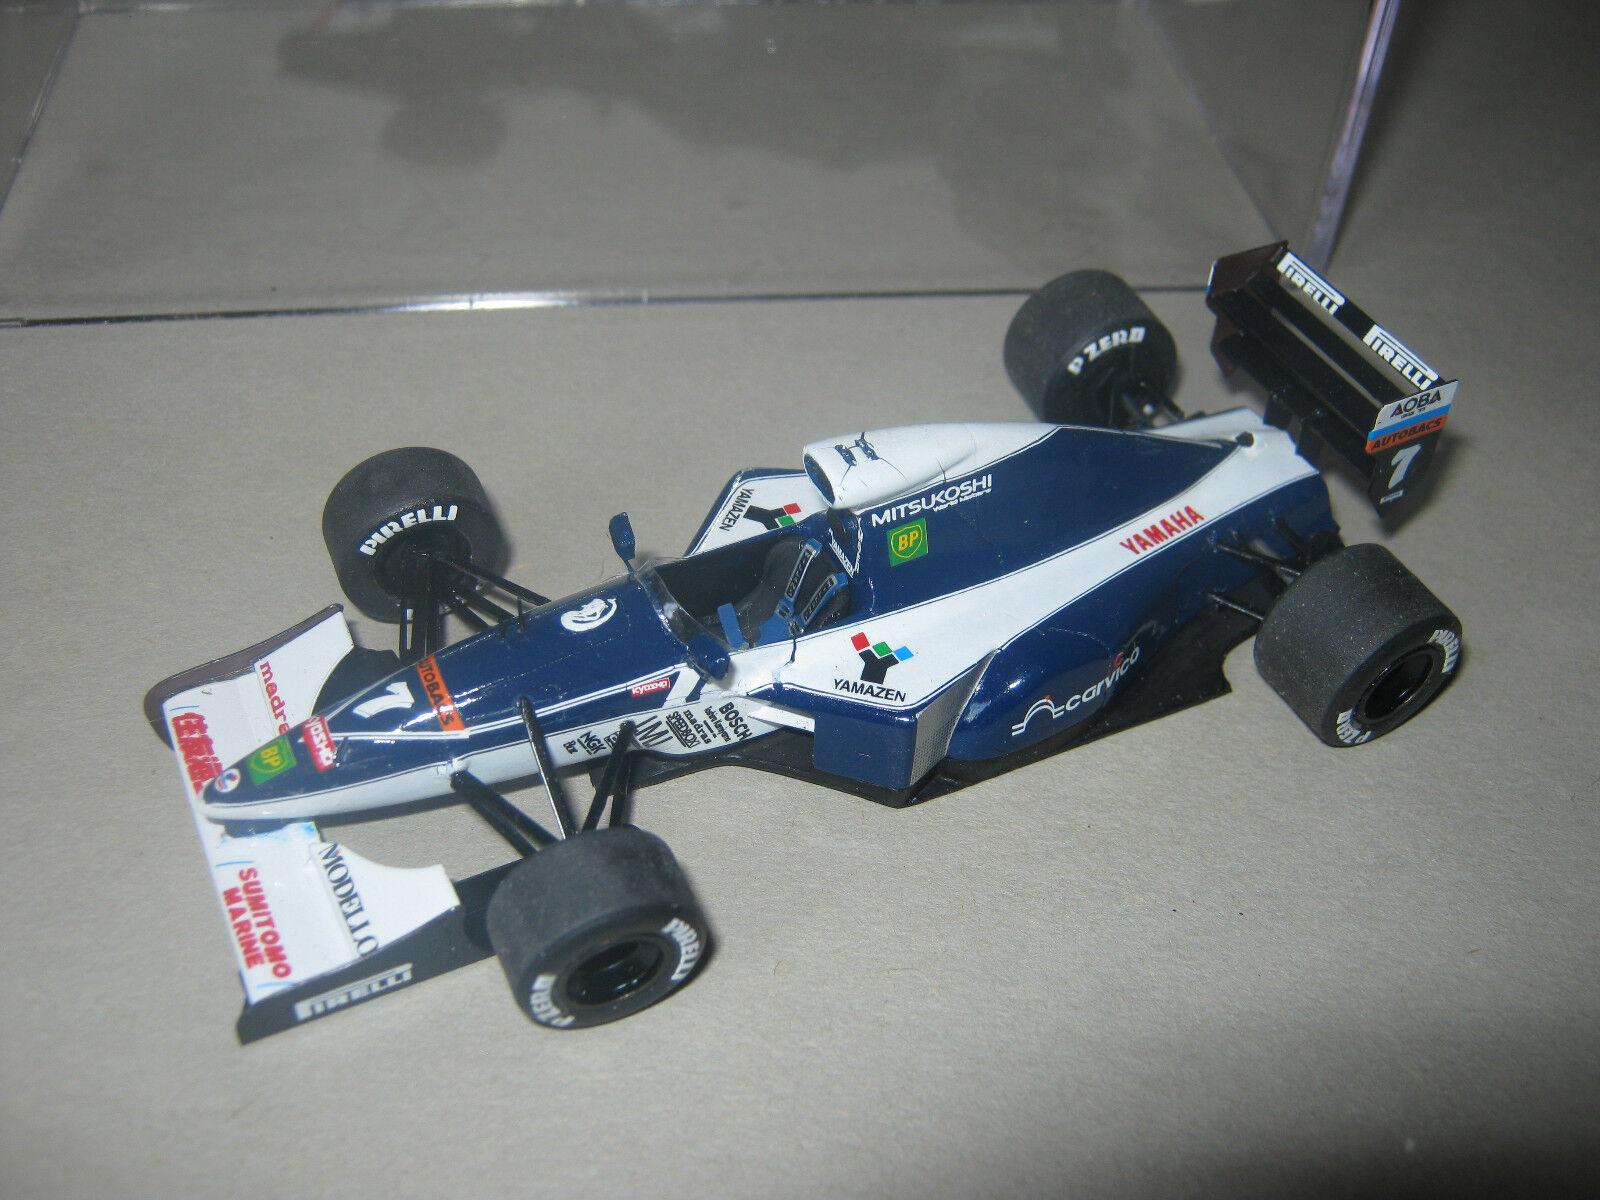 barato y de alta calidad 1 43 Brabham yamaha bt60y bt60y bt60y m. brundle 1991 Provence Handbuilt modelCoche en Showcase  Venta en línea de descuento de fábrica